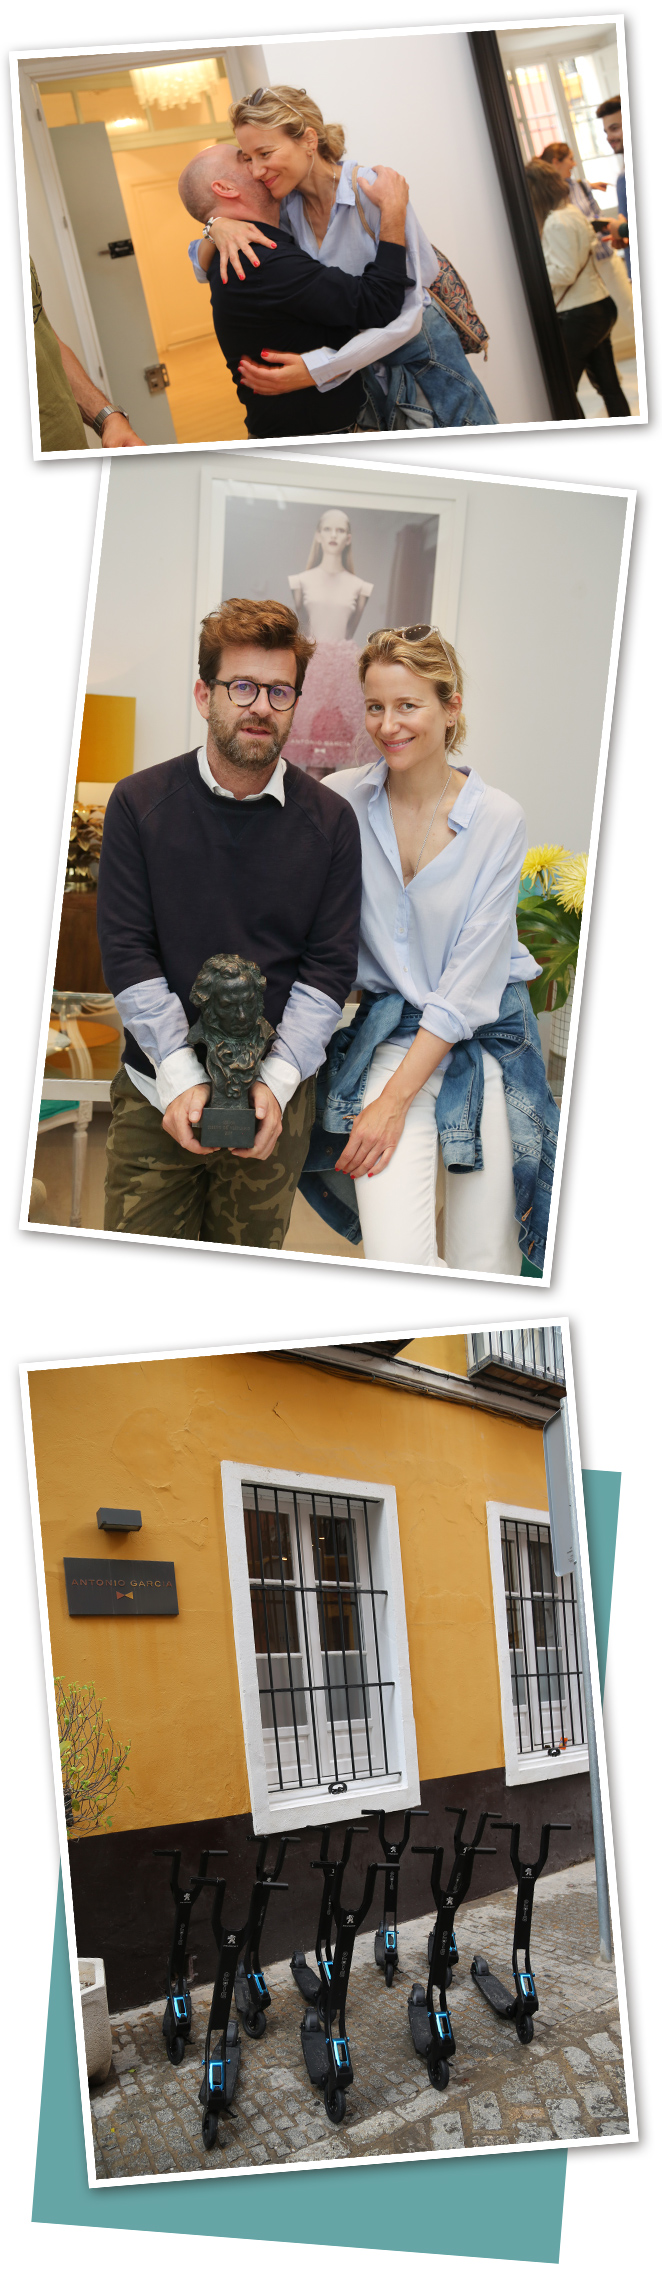 Estuvimos visitando el taller del diseñador Antonio García que junto con su hermano Fernando García, ganador de un Premio Goya por mejor vestuario, formar uno de los dúos con más talento en la moda española. Cada temporada crean colecciones que hacen soñar porque sus vestidos son la perfecta simbiosis entre la atractiva esencia andaluza y un elegante toque contemporáneo.